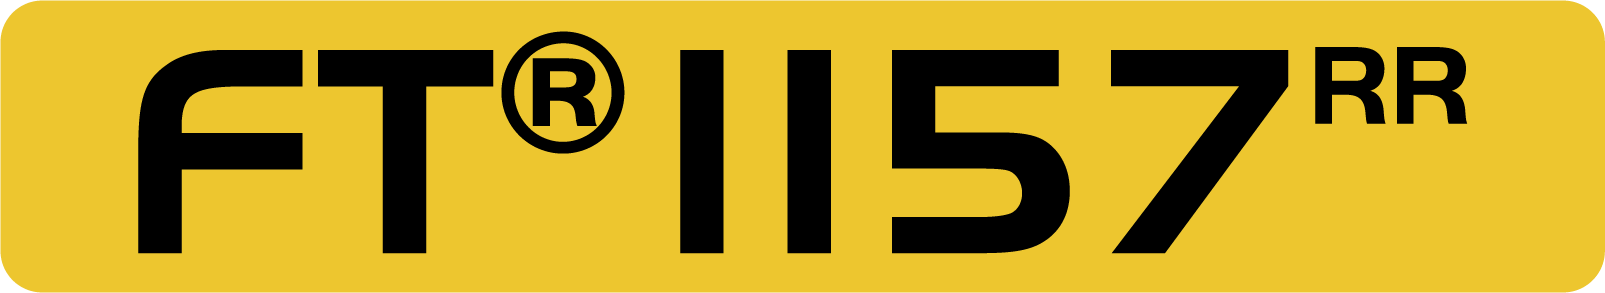 FTR 1157 RR